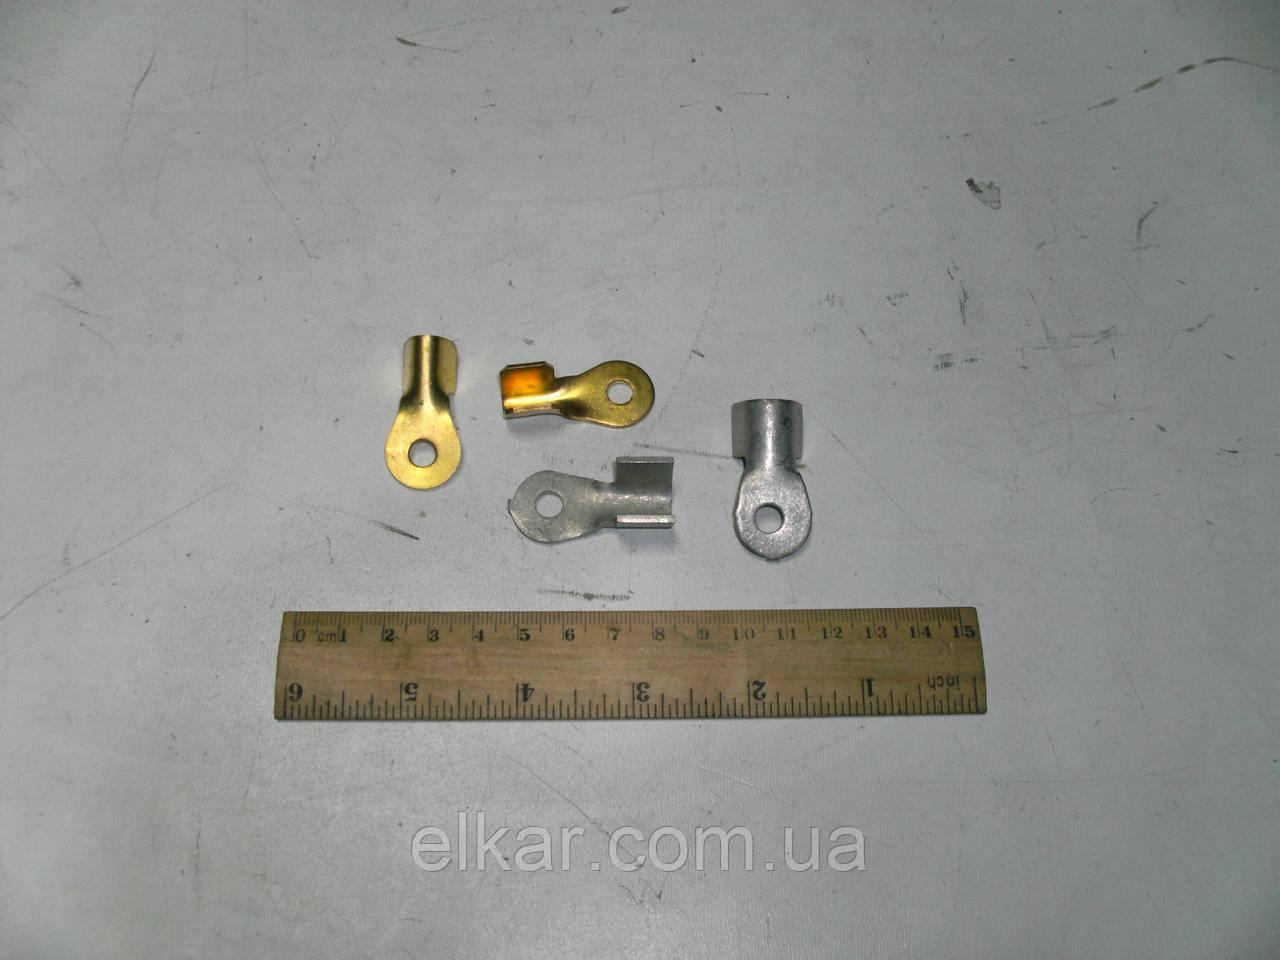 Наконечник стартерний латунний D = 6 мм (S=1.0 мм) (Україна)